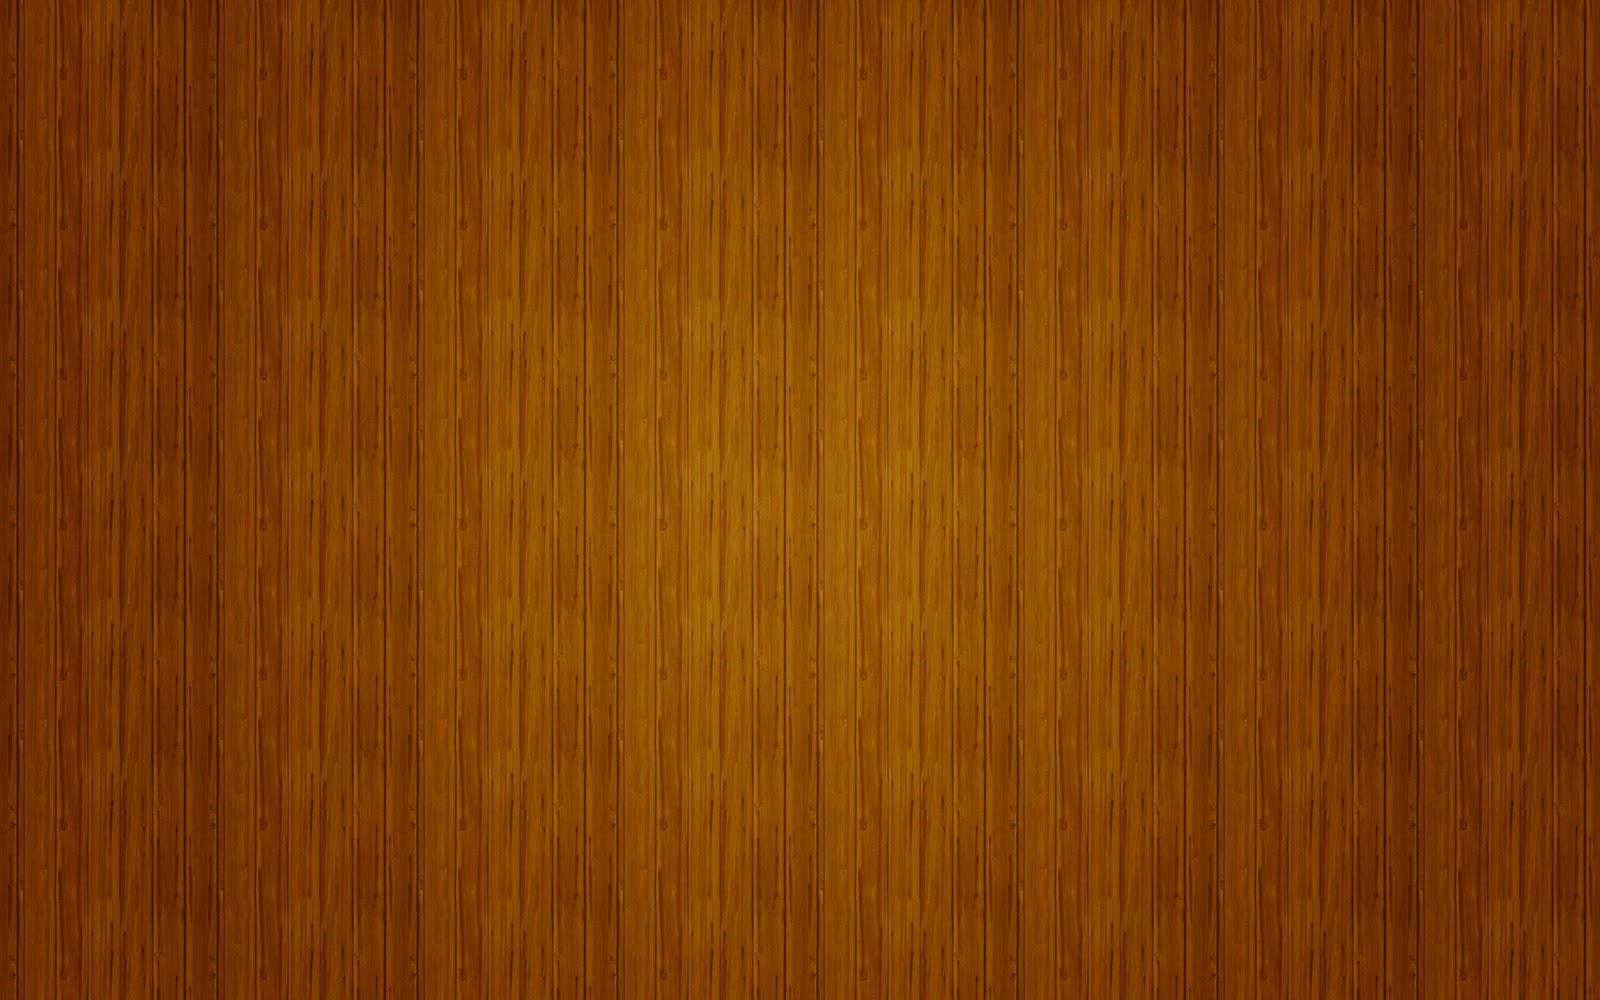 houten achtergronden hd - photo #6